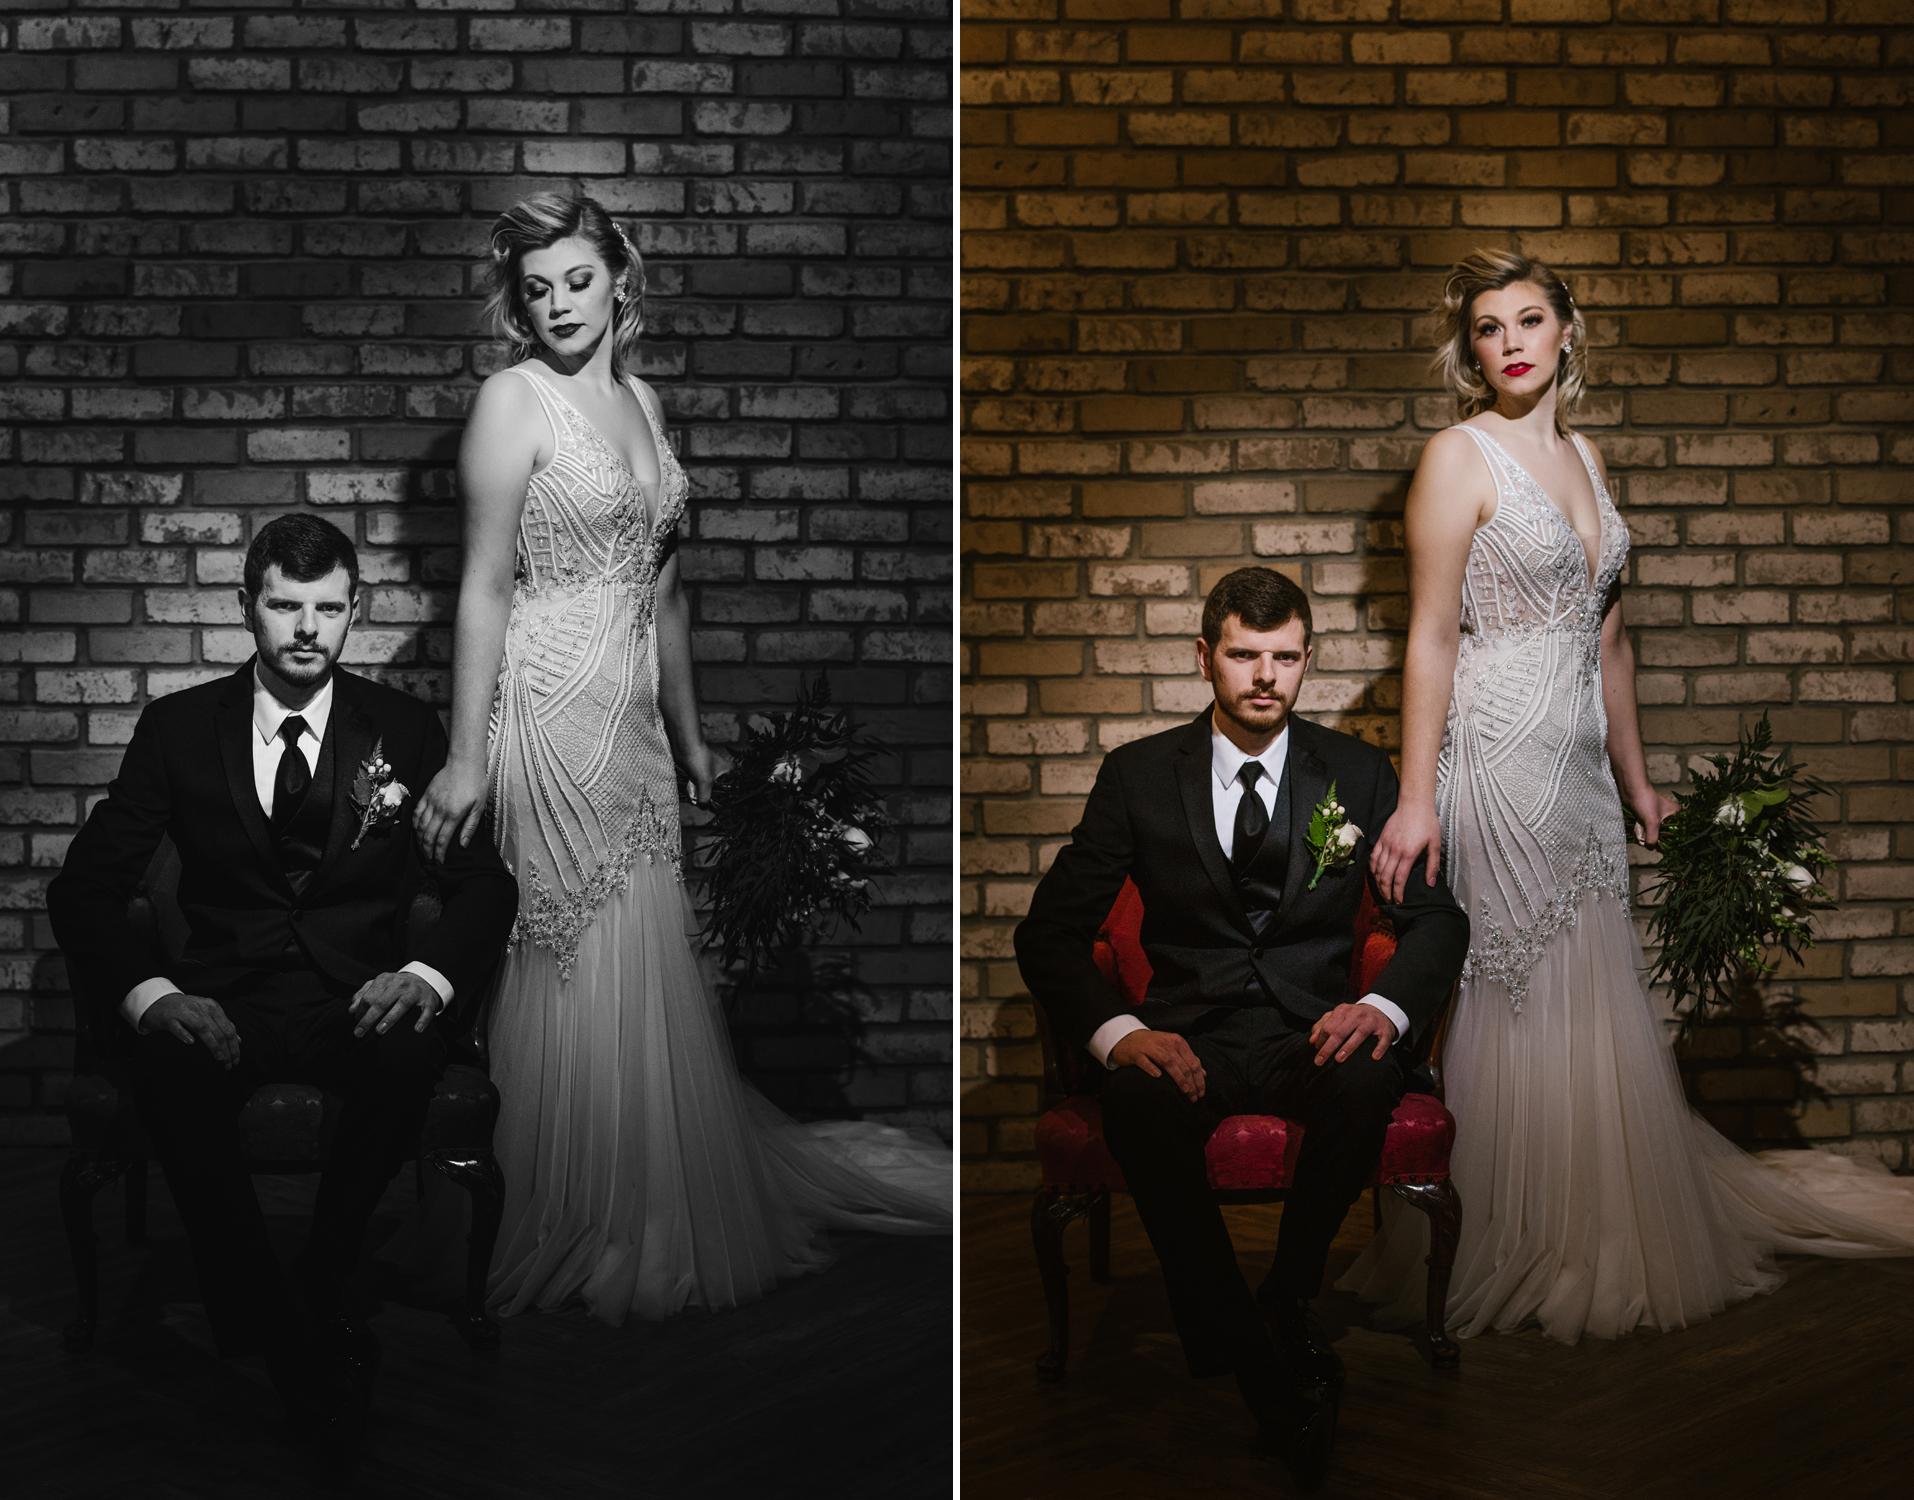 revel-center-wedding-photographer-3.jpg